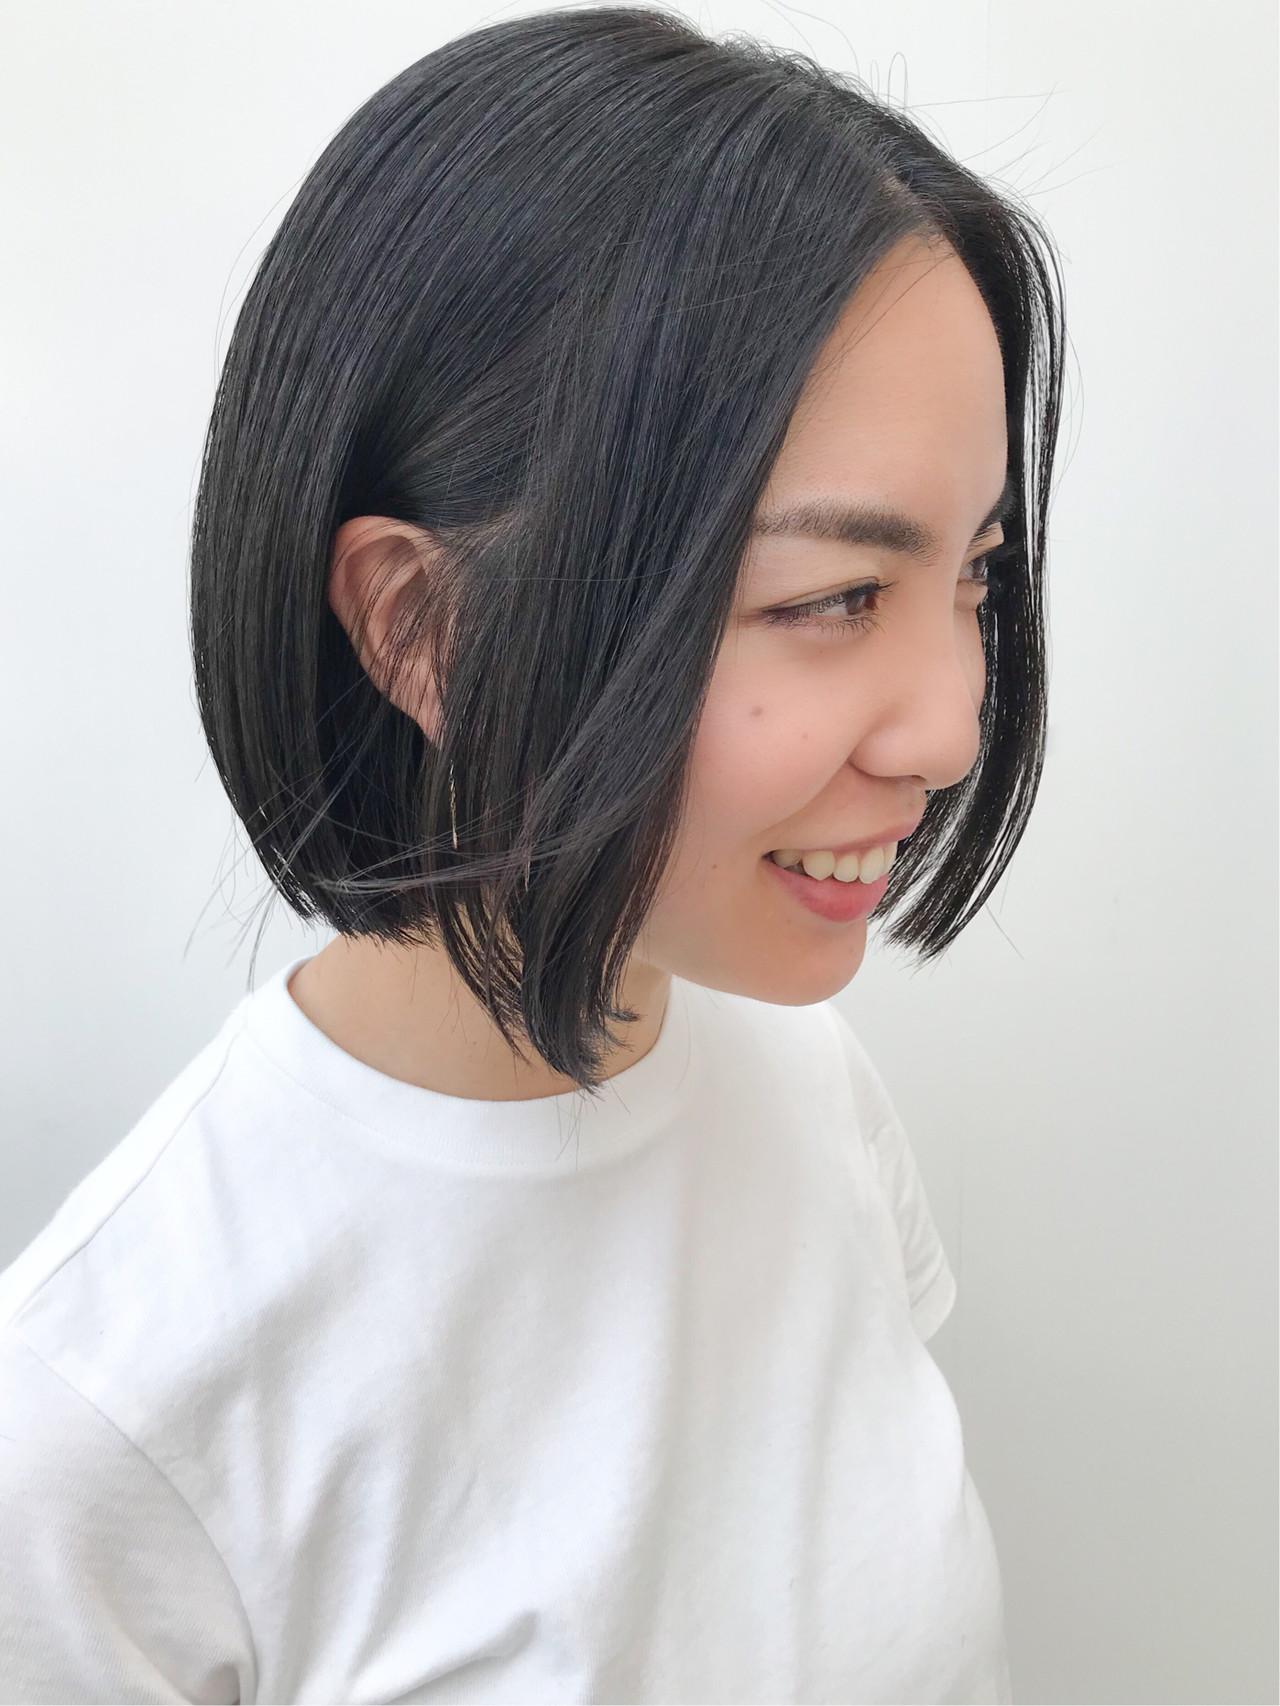 切りっぱなしボブ コンサバ アウトドア 黒髪 ヘアスタイルや髪型の写真・画像